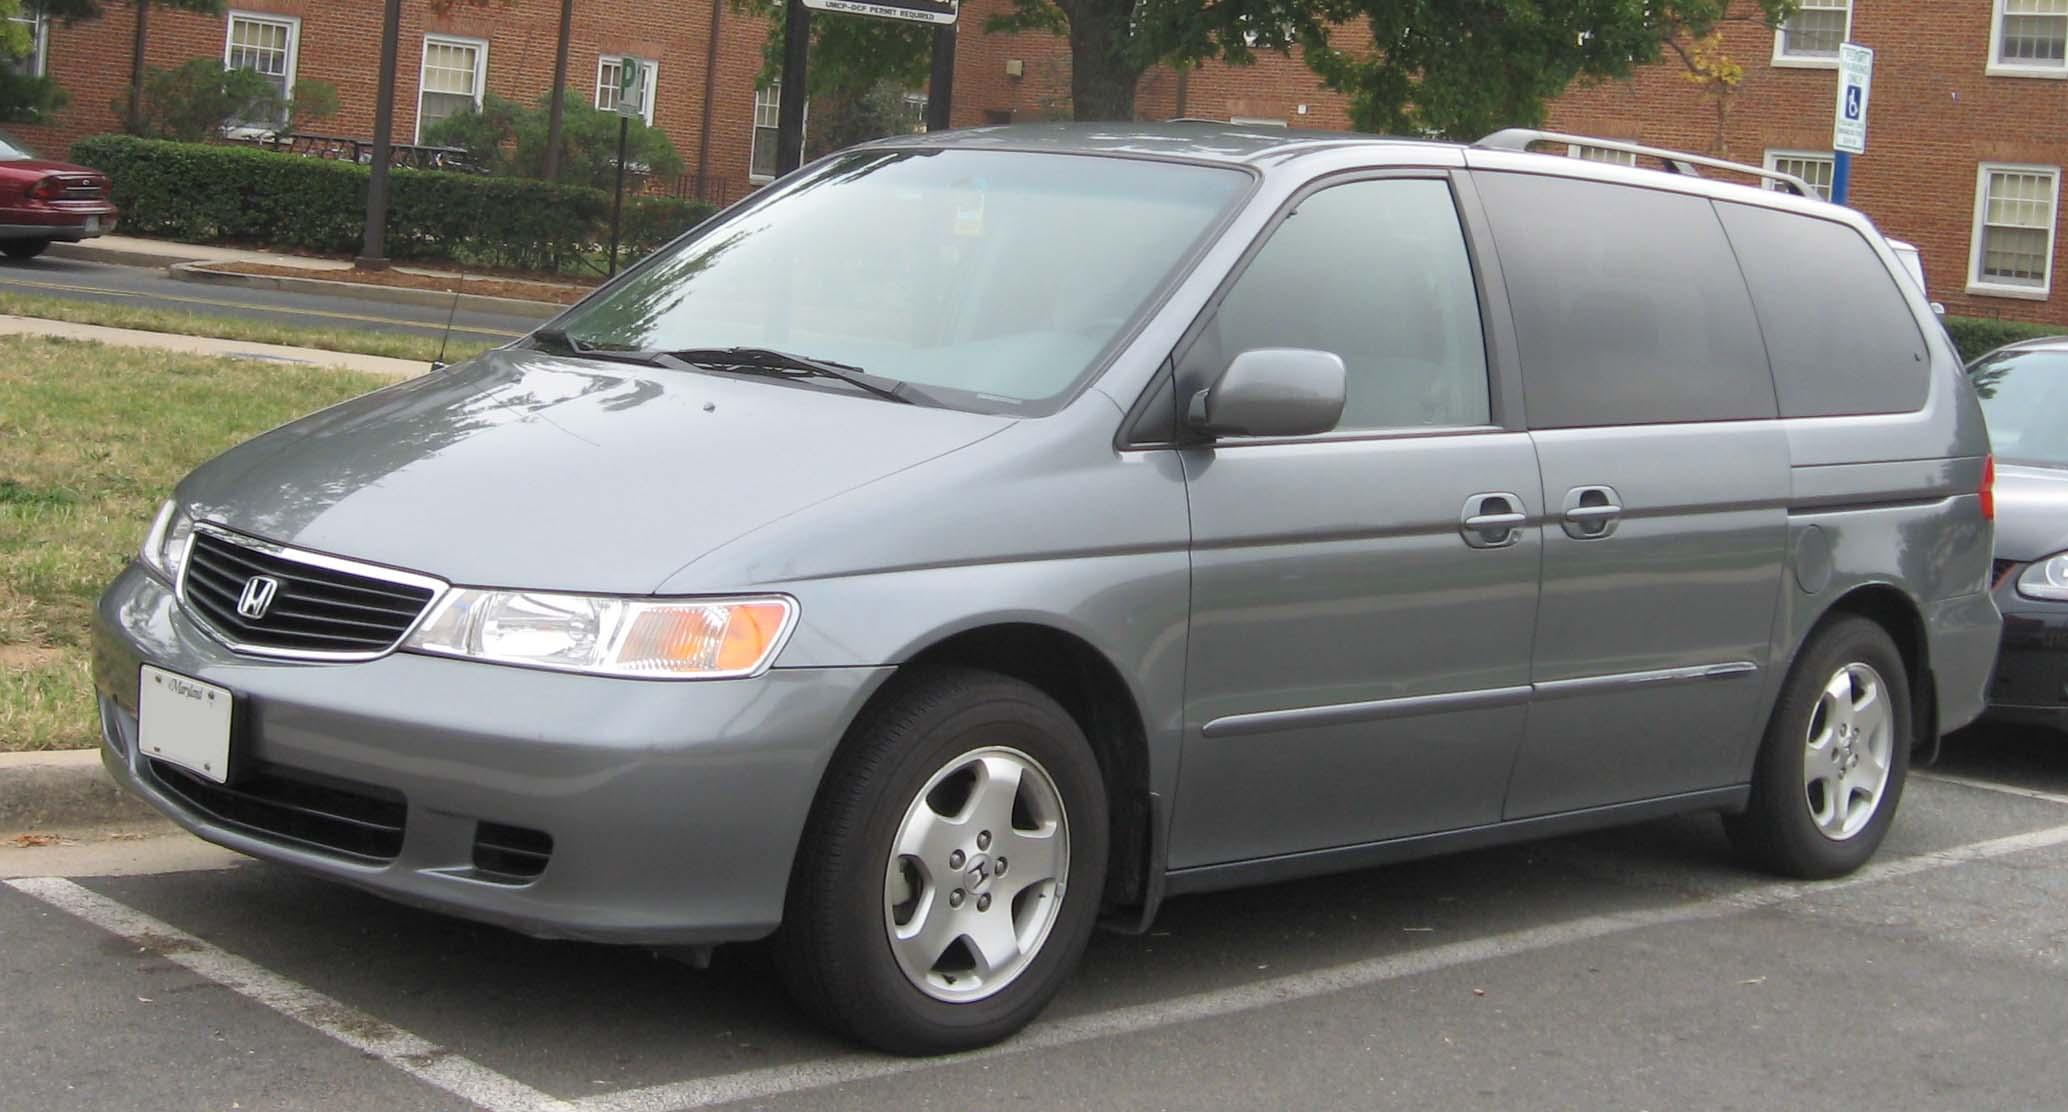 2001 Honda Odyssey Image 17